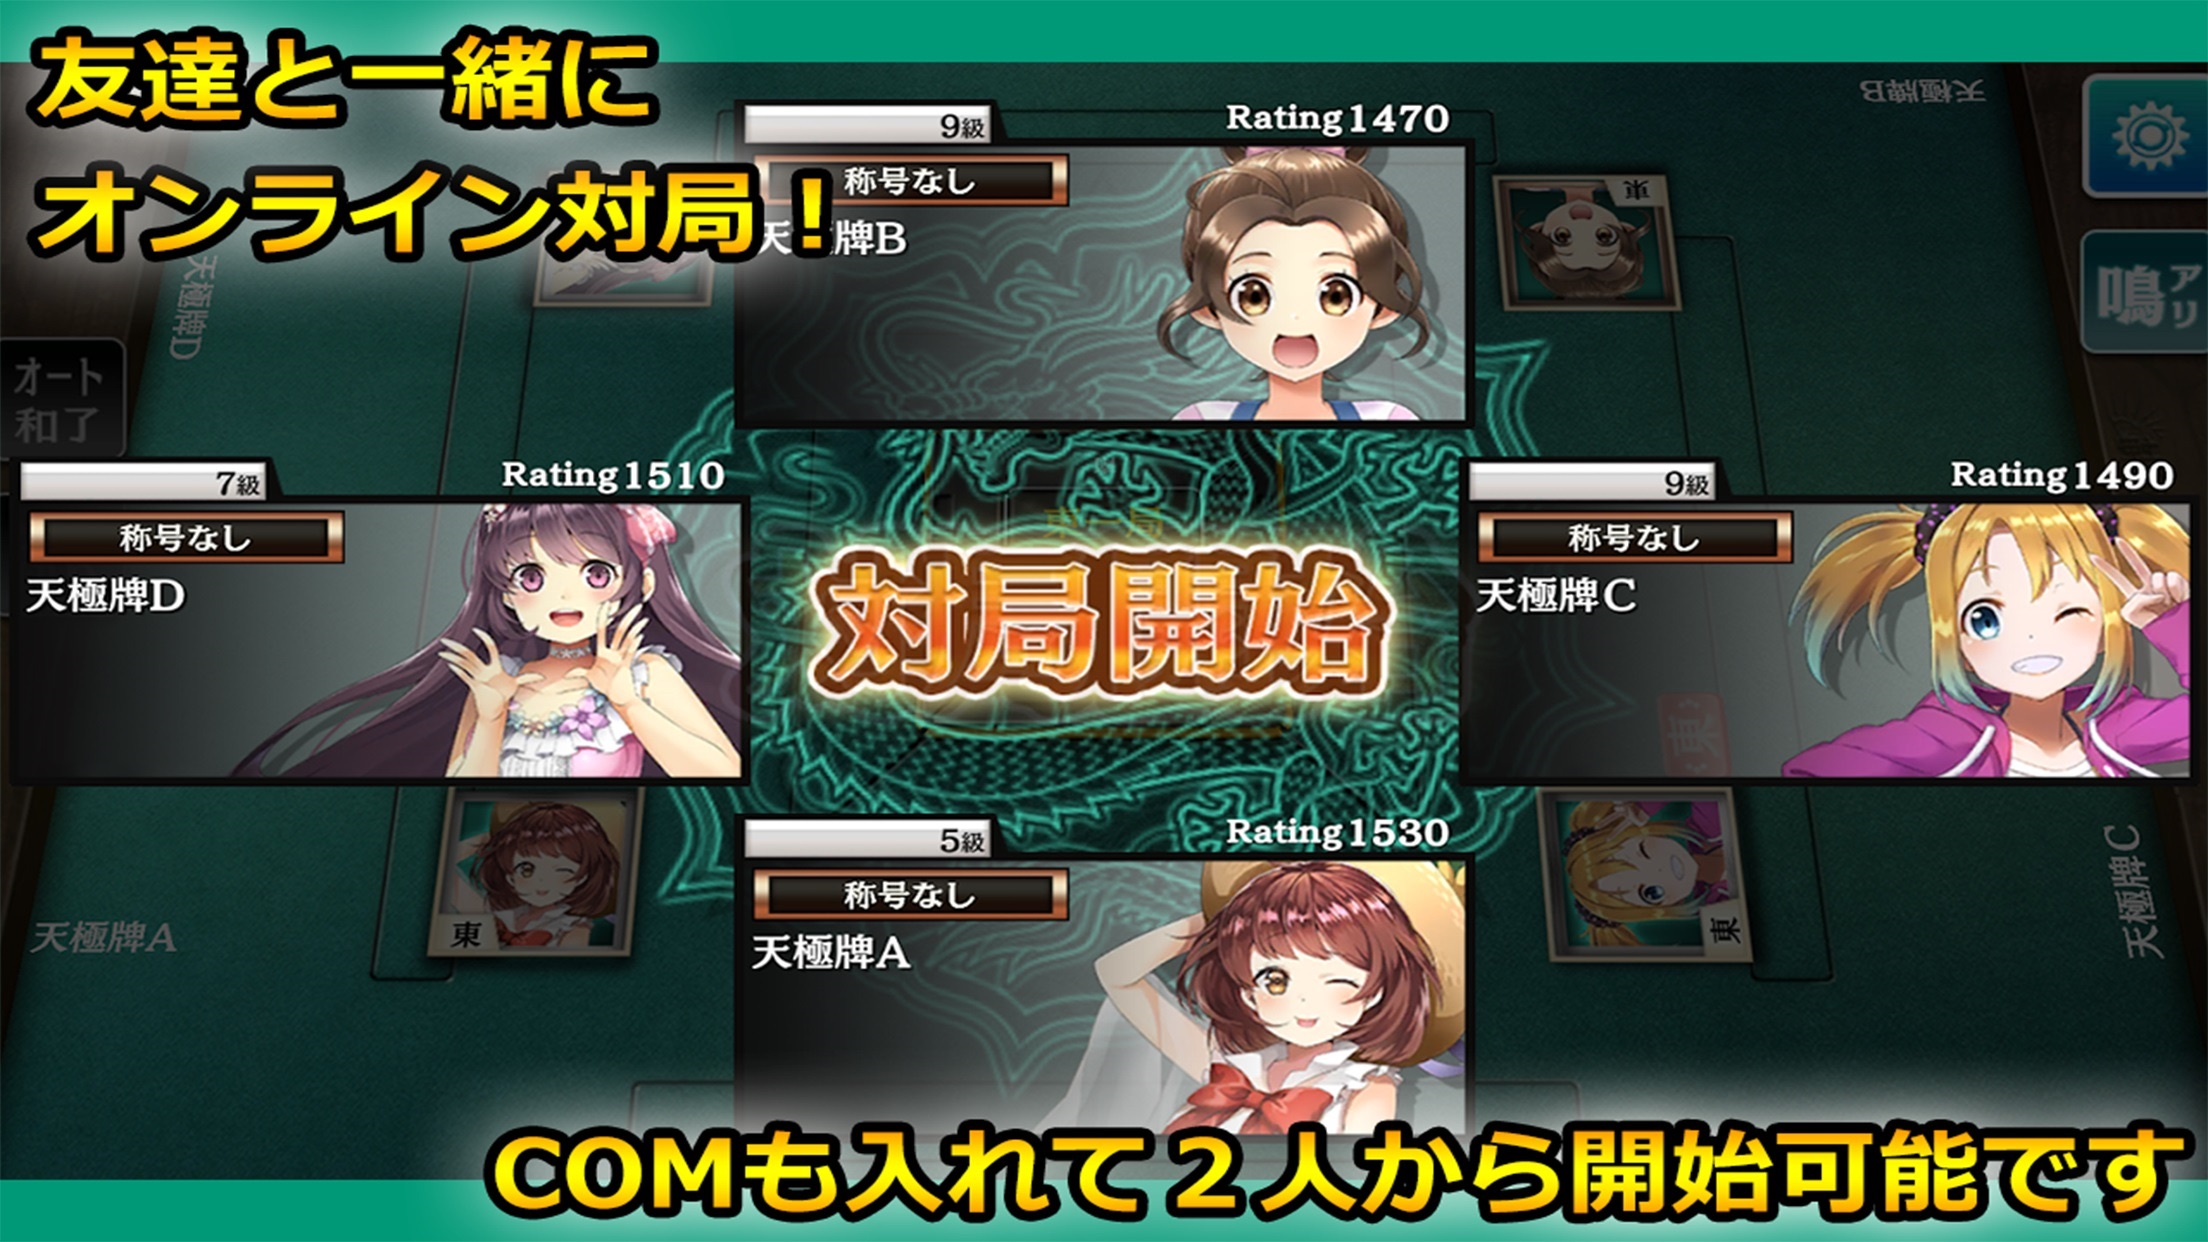 麻雀 天極牌 by Hangame   オンライン対戦麻雀 Screenshot